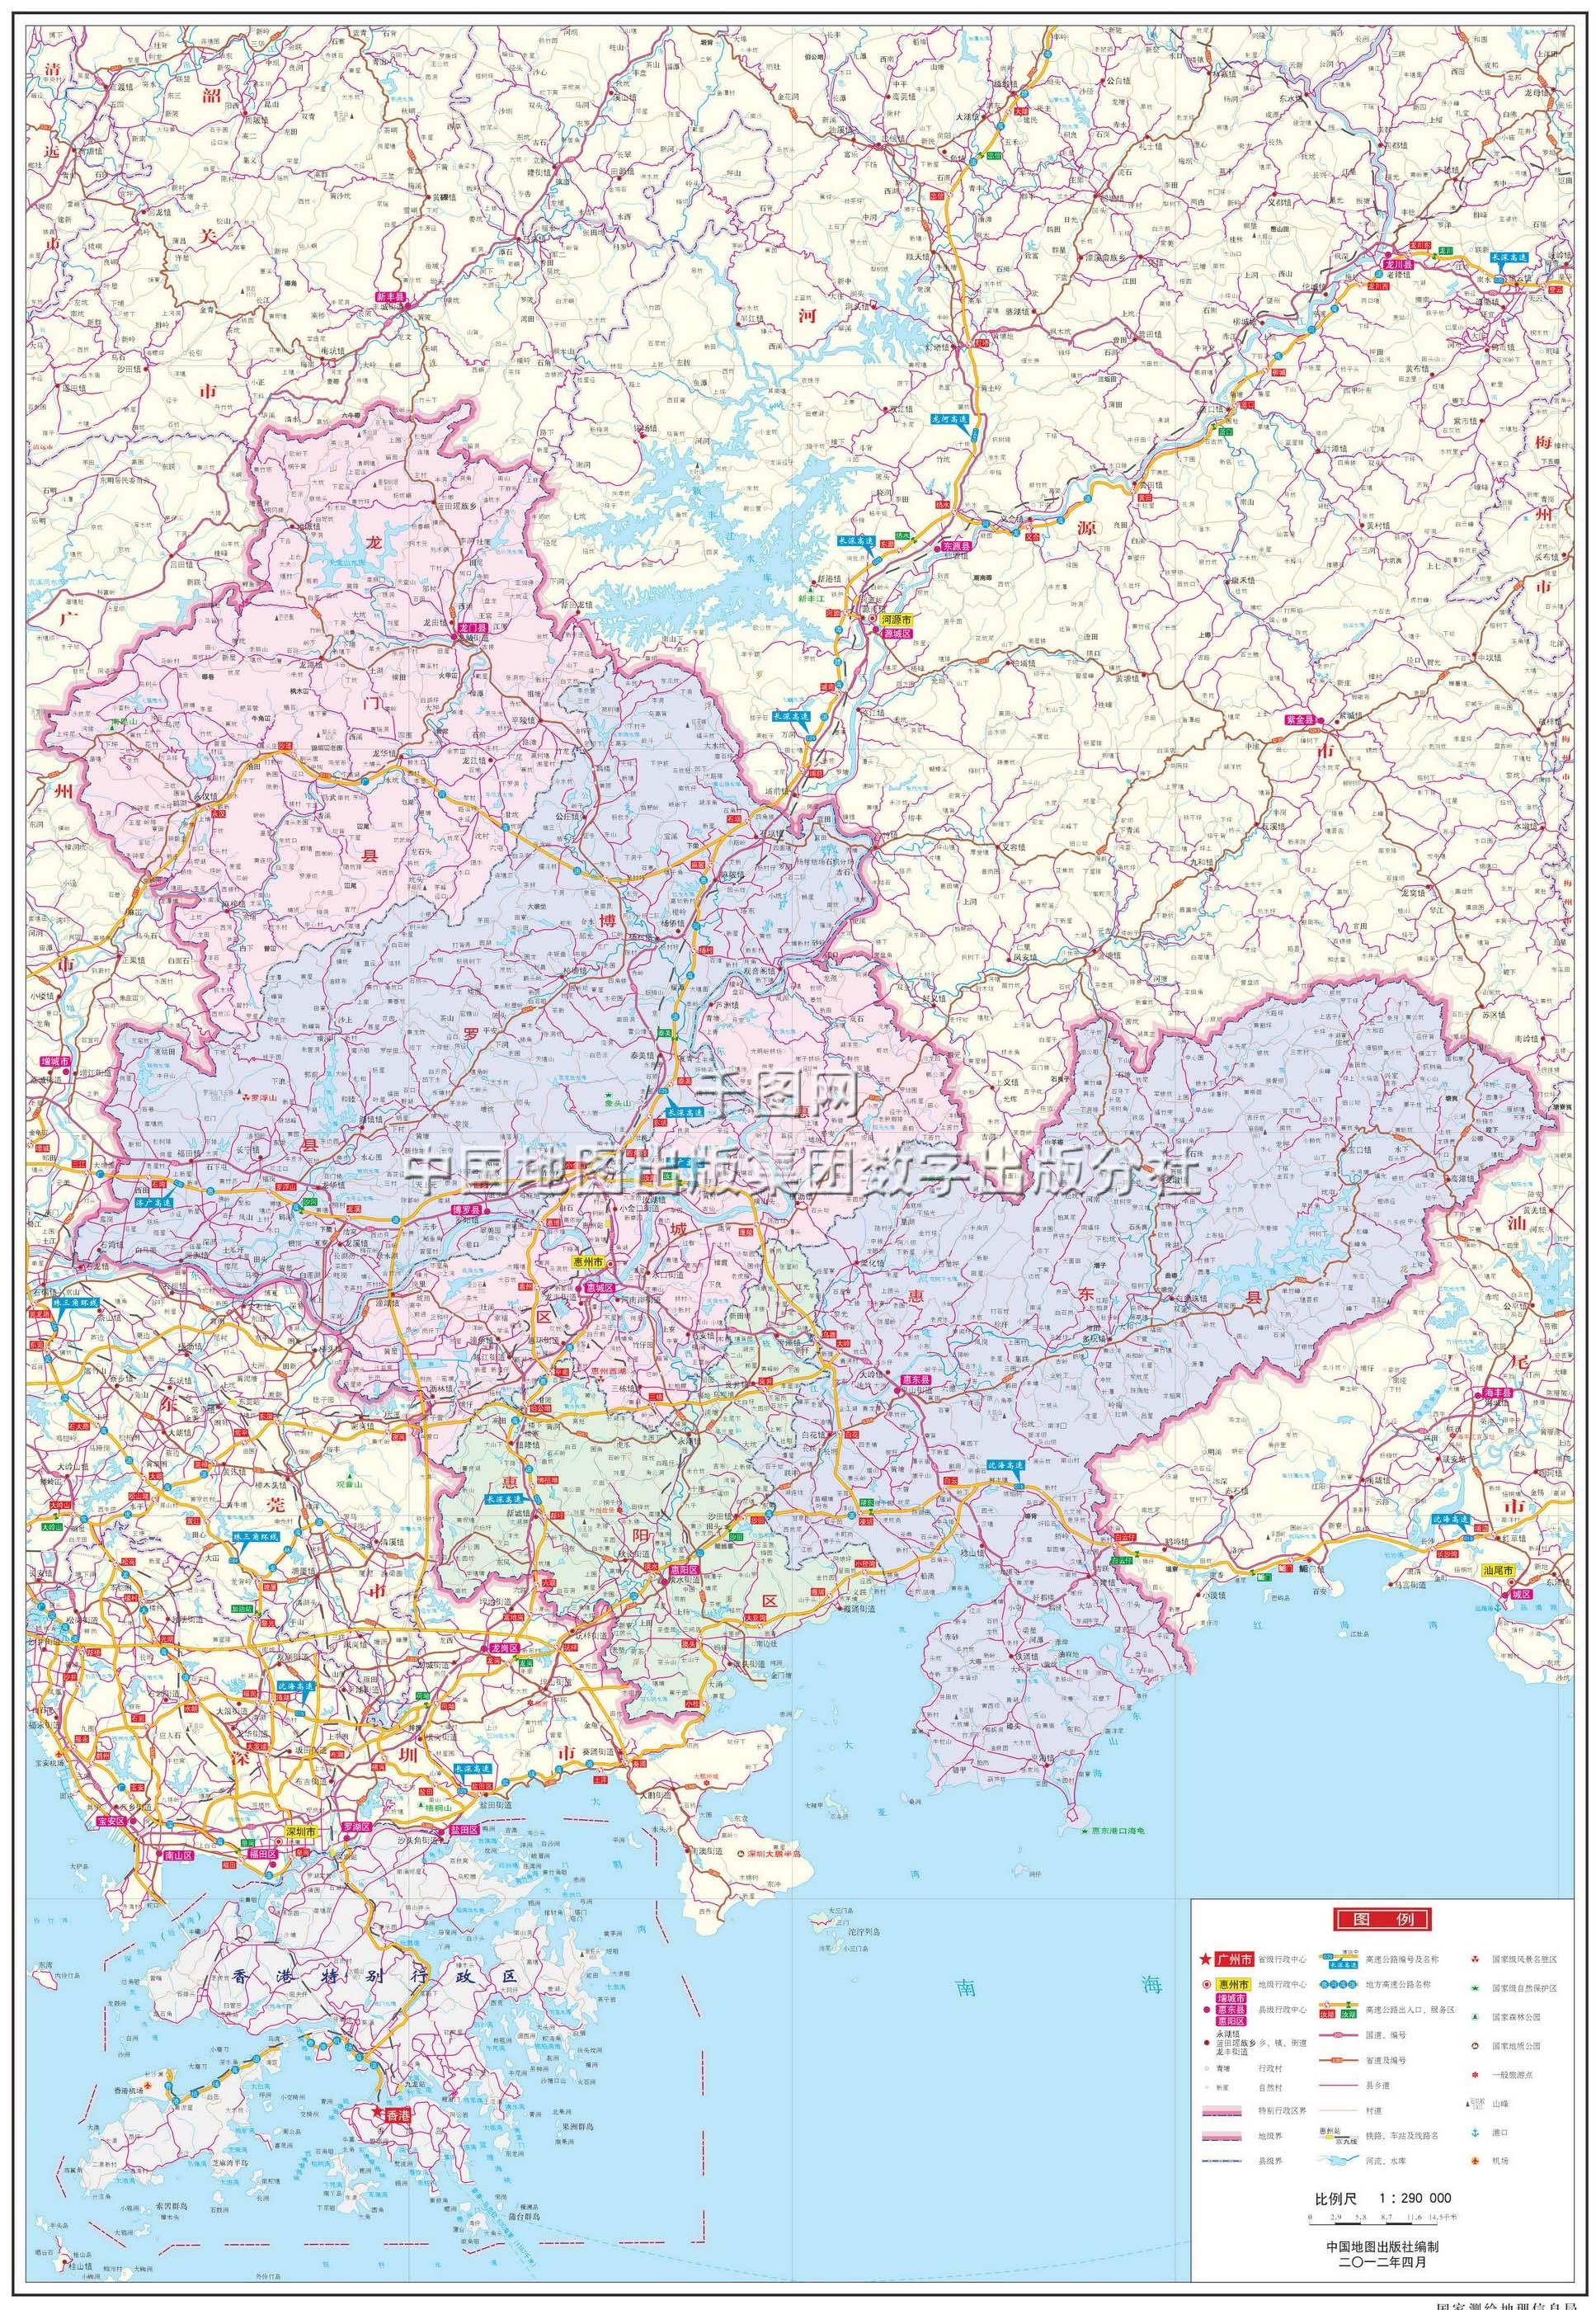 惠州市地图高清版